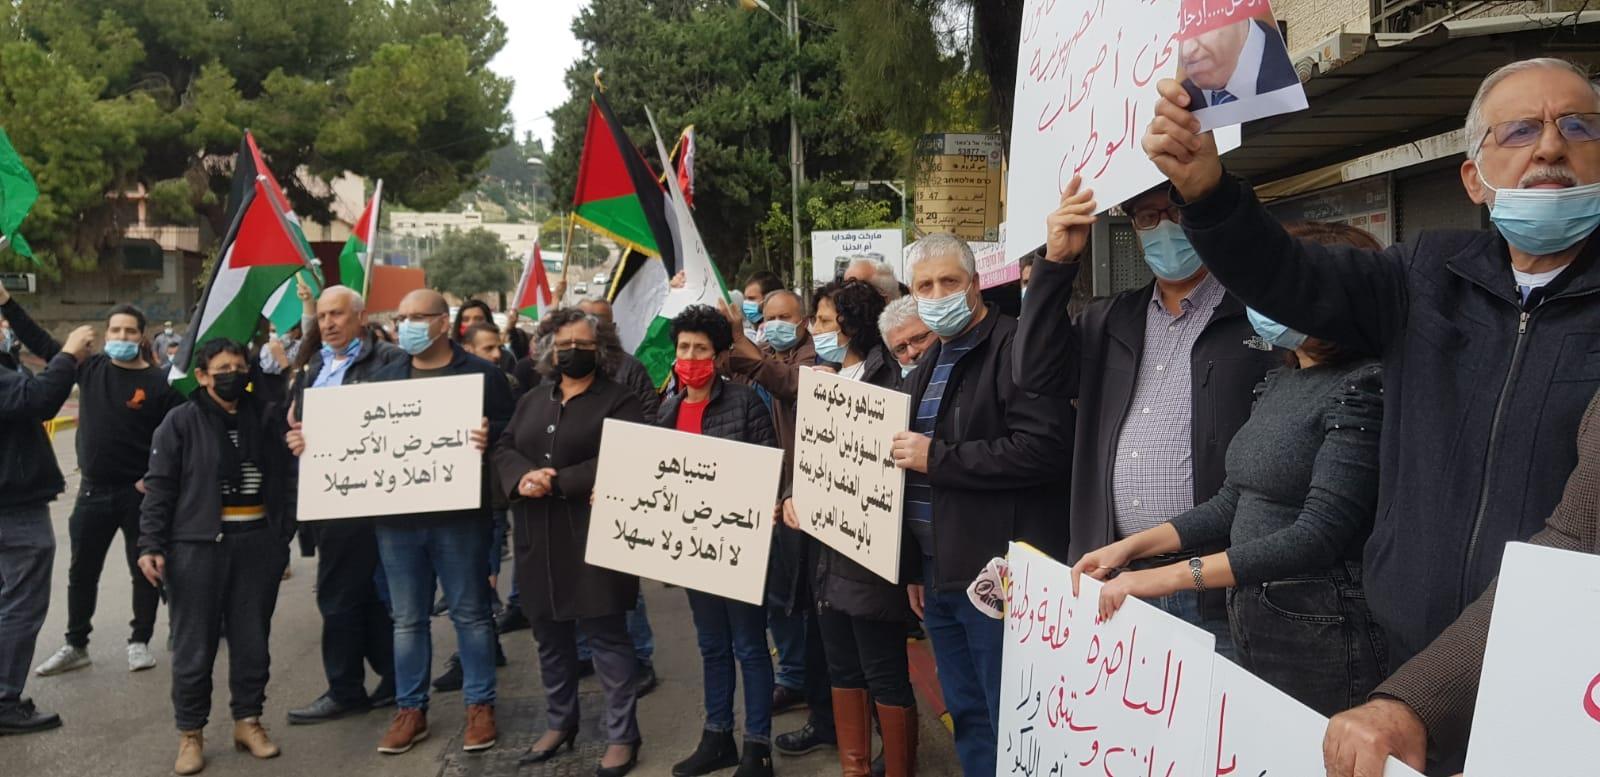 الشرطة تعتدي وتعتقل متظاهرين ضد نتنياهو بالناصرة